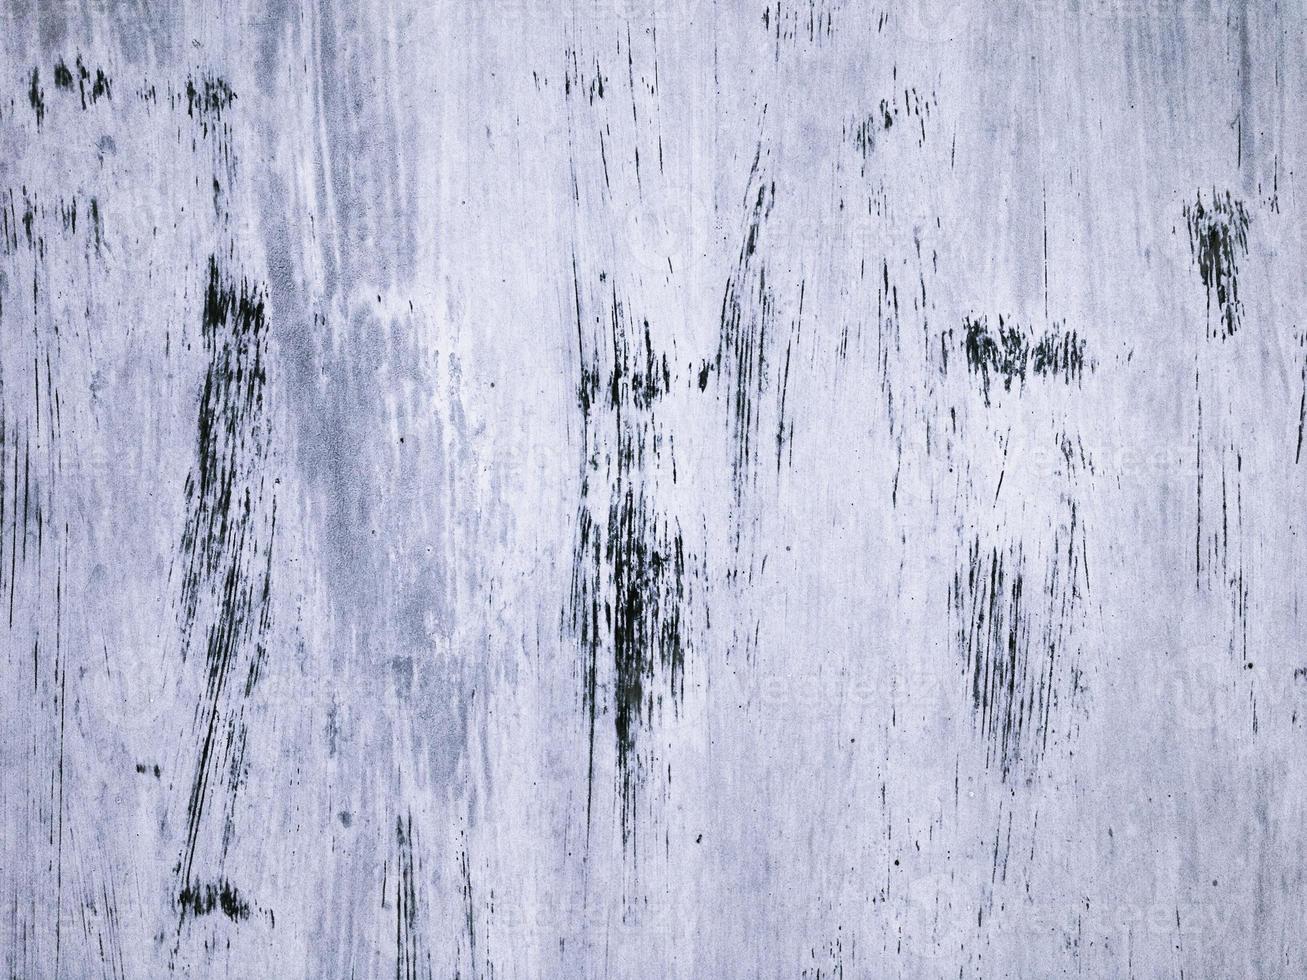 texture grunge photo